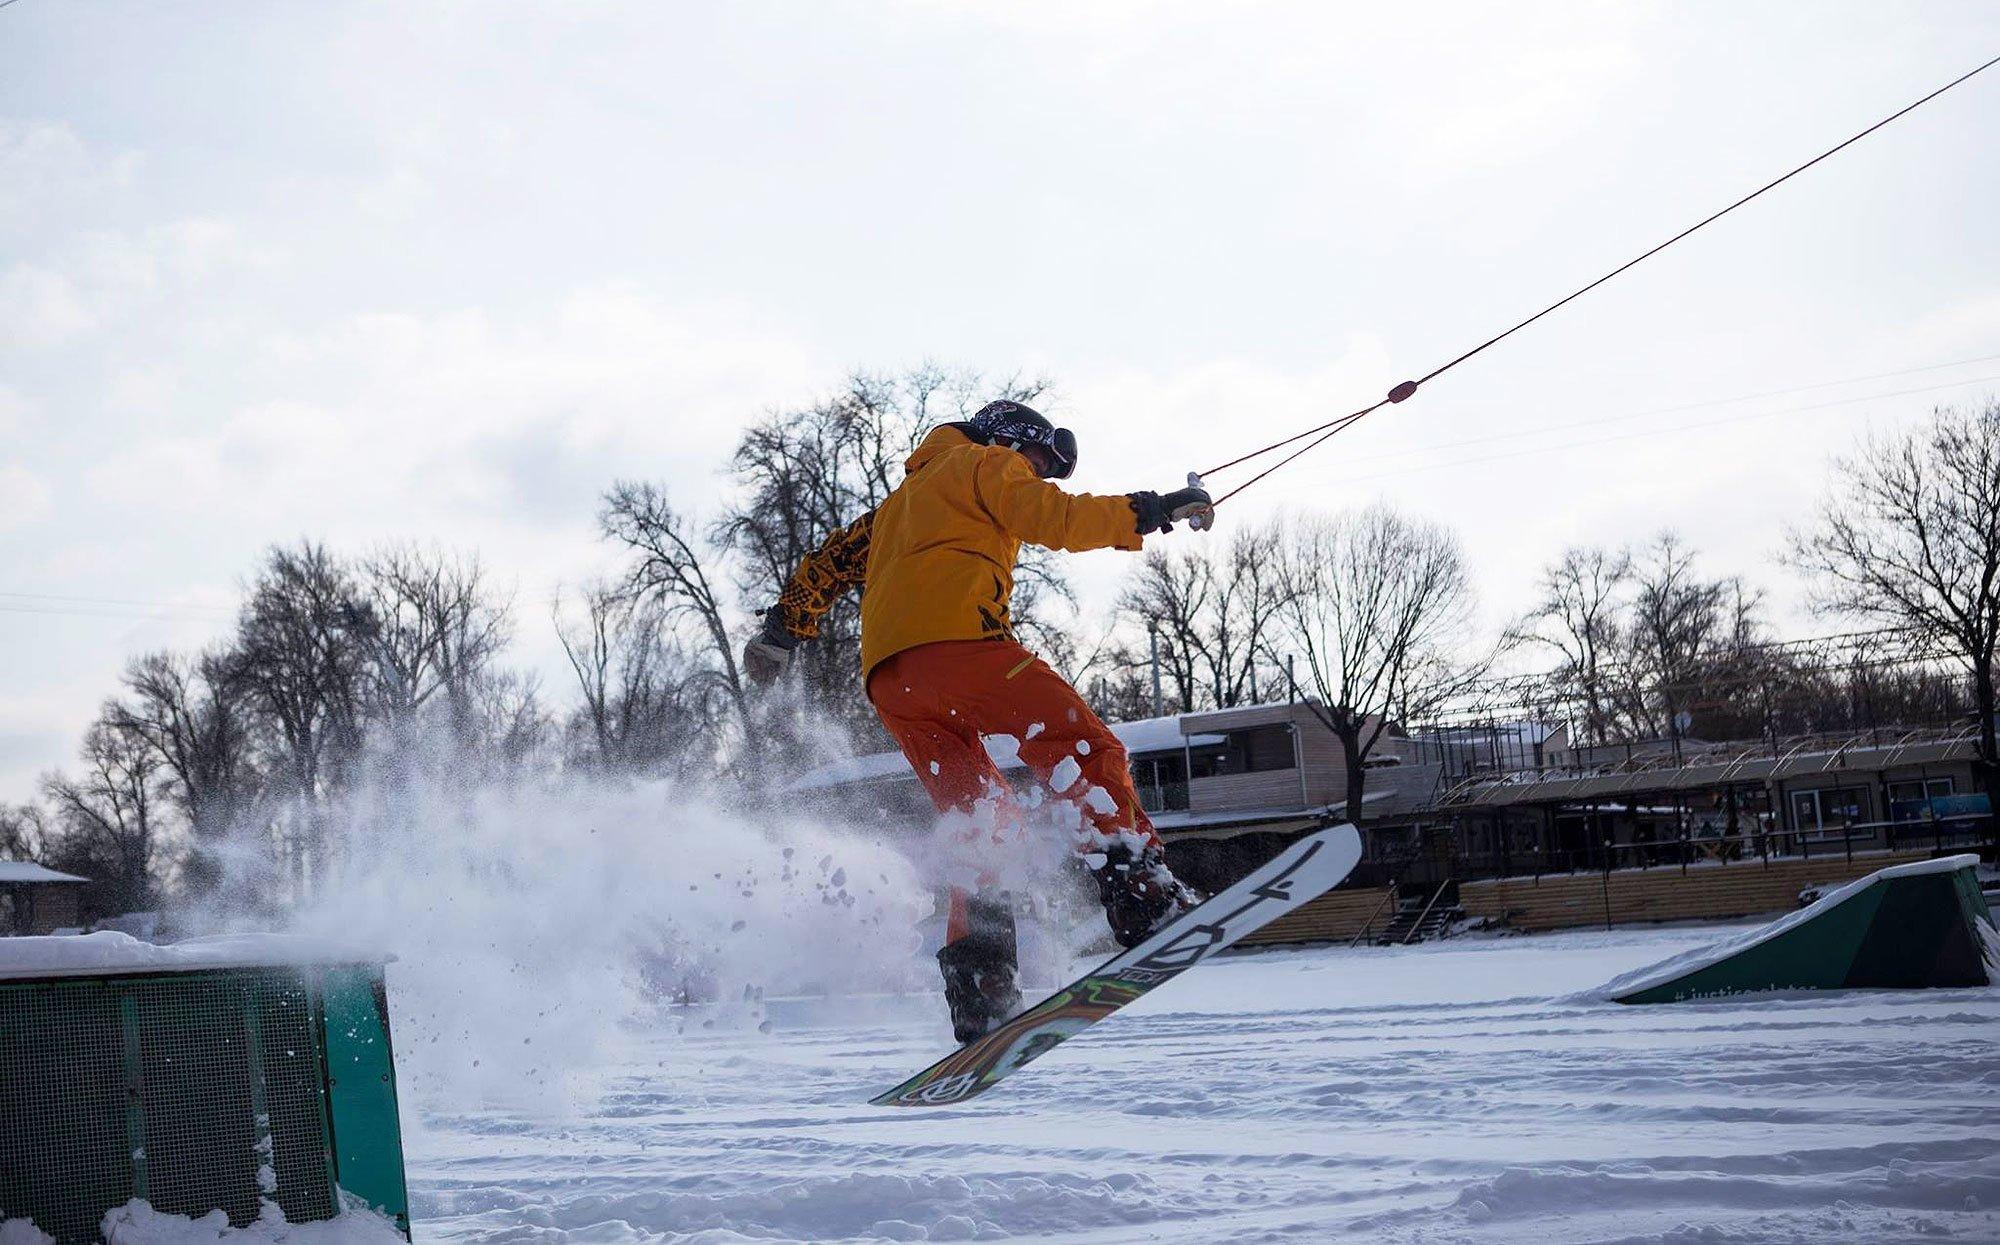 Топ 13 незвичайних зимових розваг у Києві